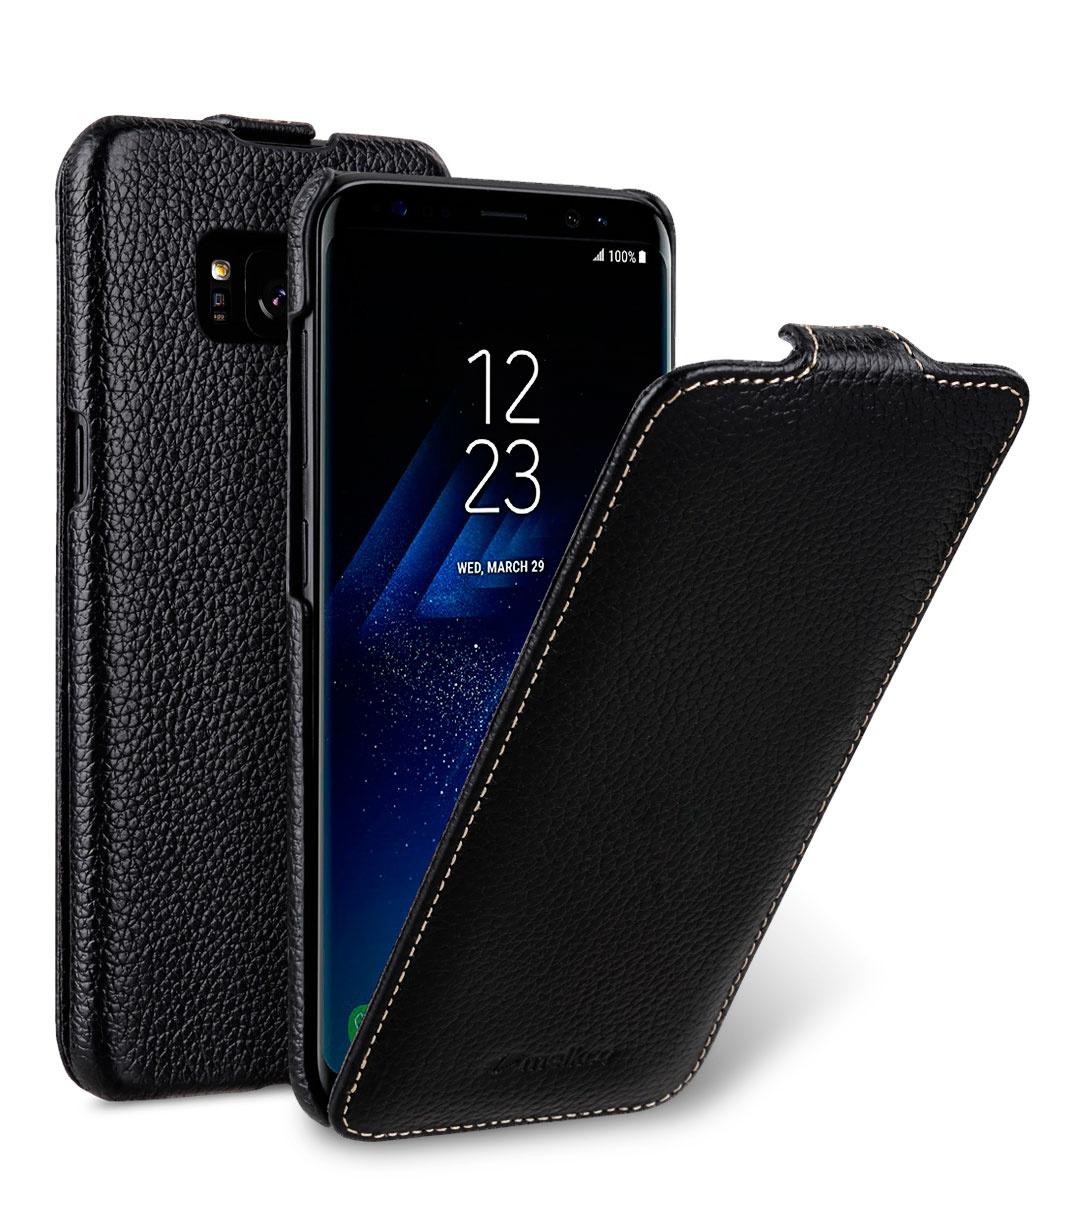 Чехол для сотового телефона Melkco Кожаный чехол флип для Samsung Galaxy S8, черный mooncase для samsung galaxy а7 кожаный чехол держатель кошелек флип карты с kickstand чехол обложка no a01